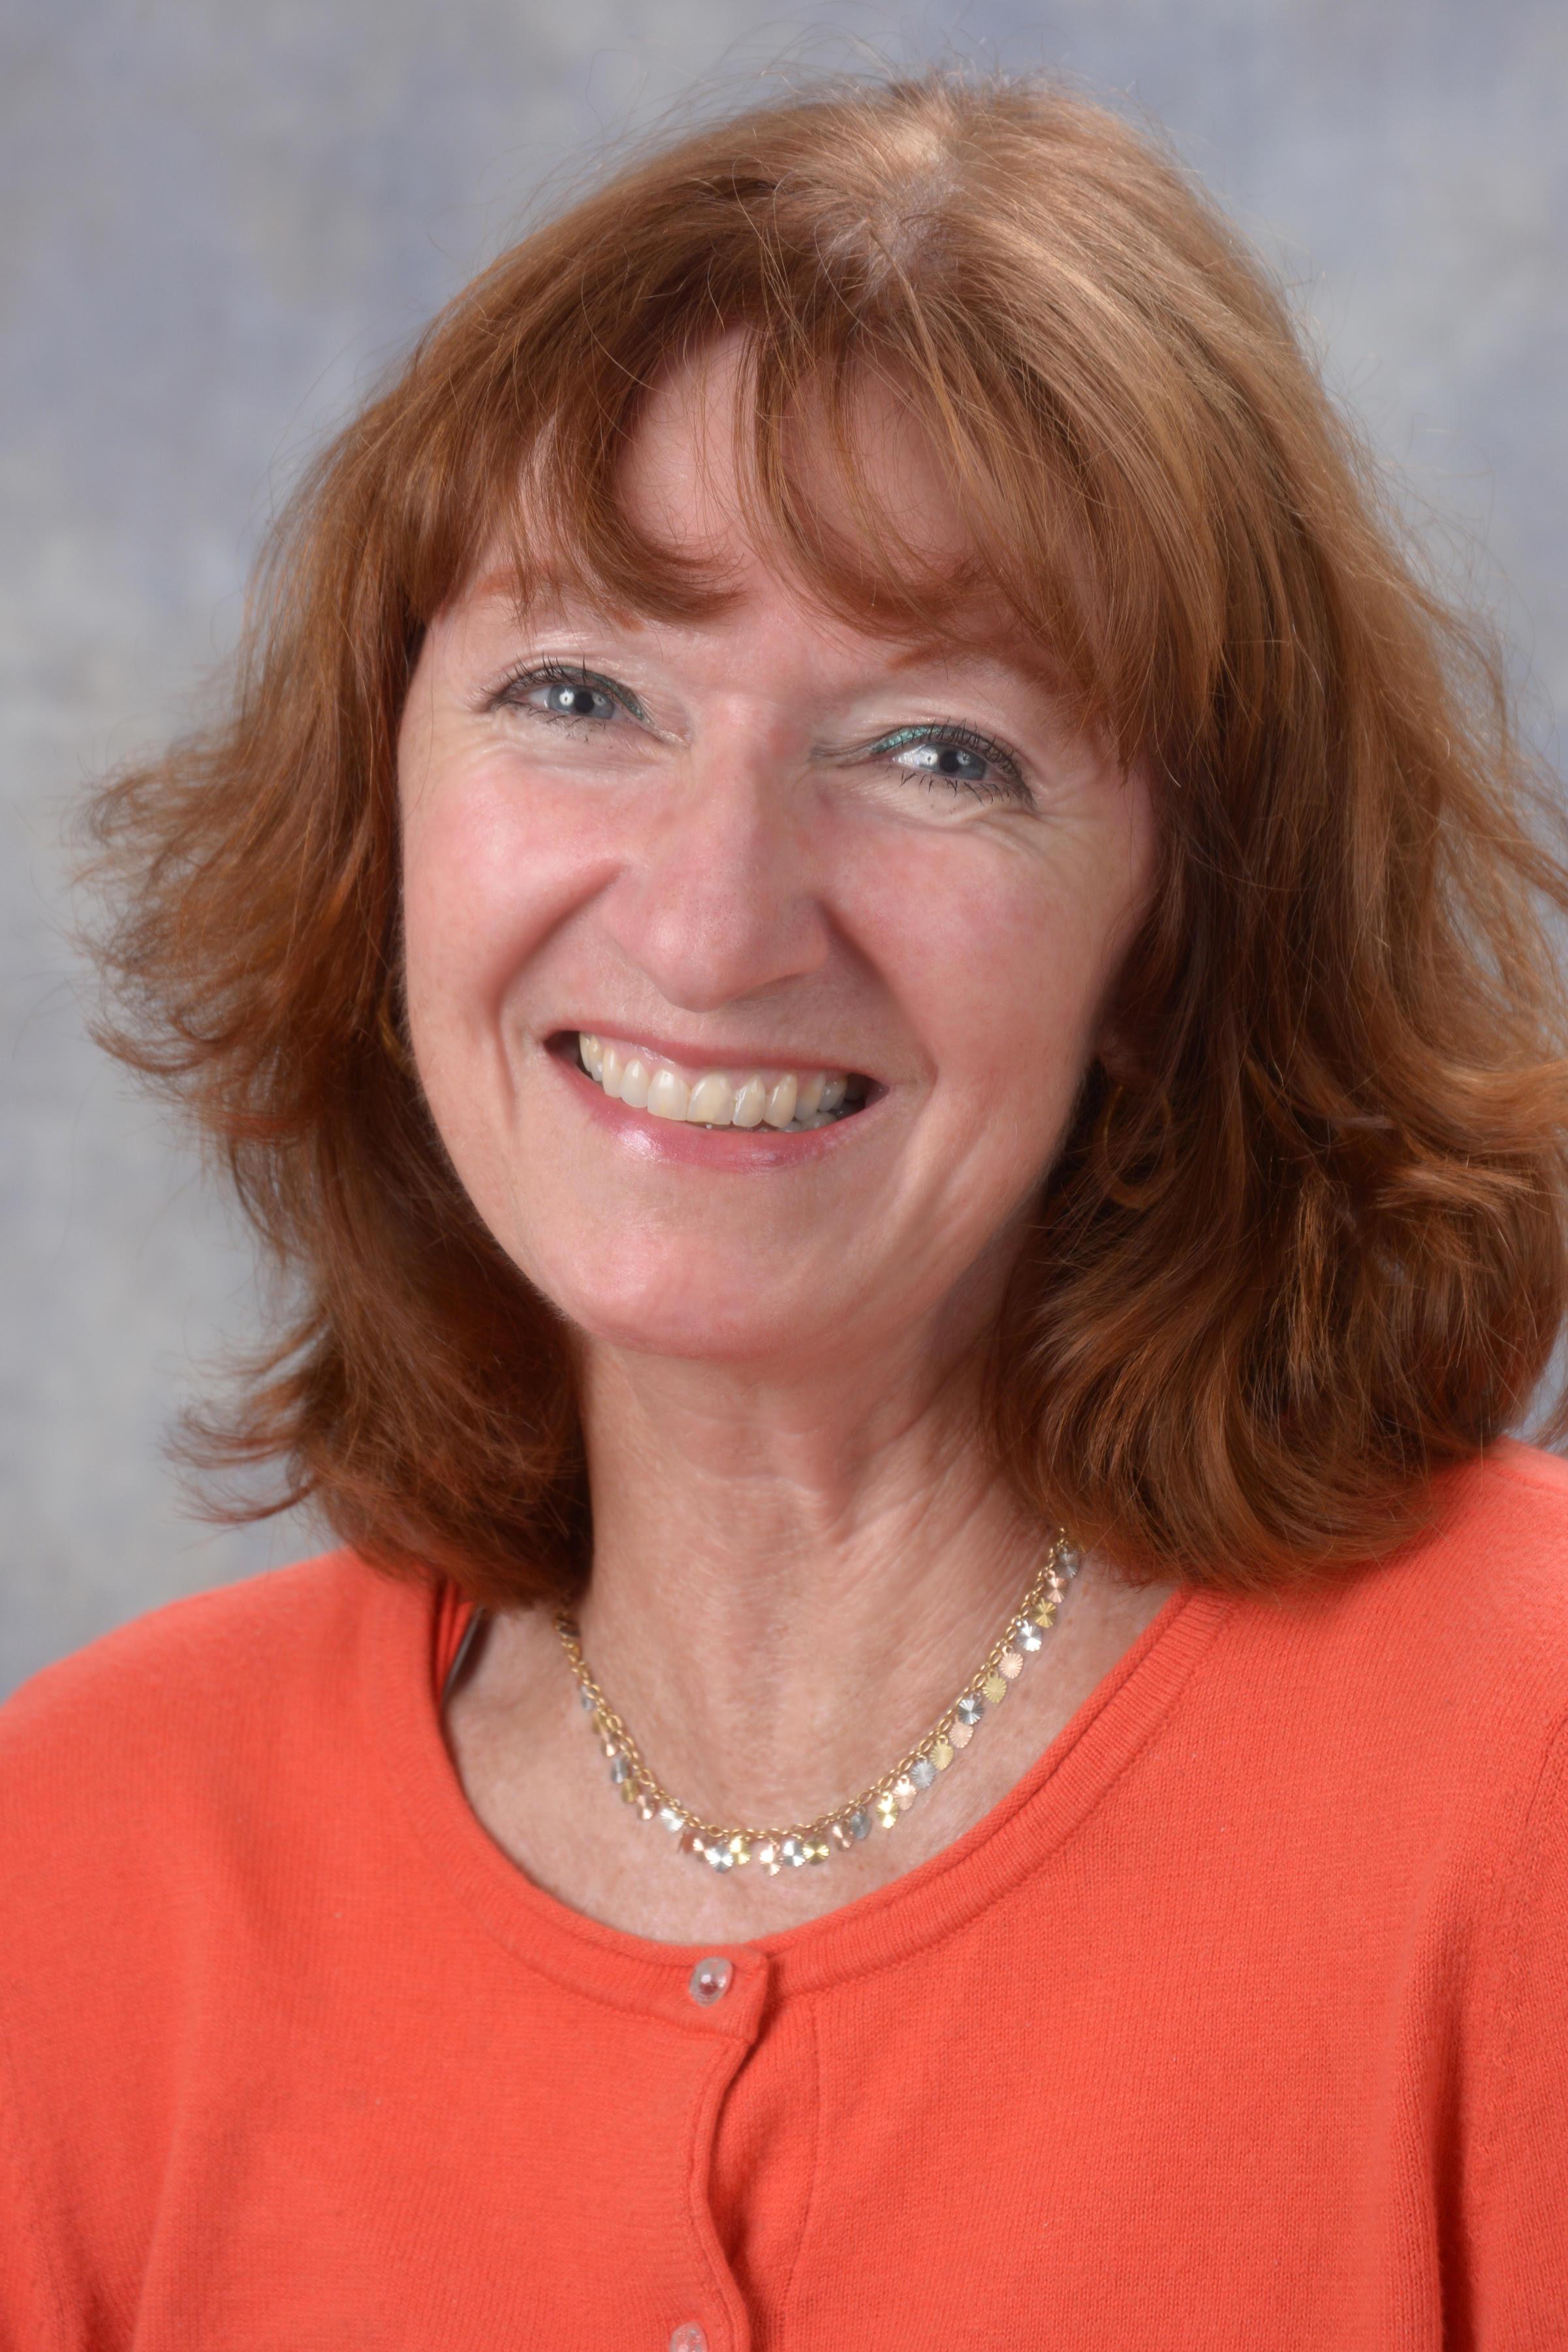 Headshot of Linda Rae Markert